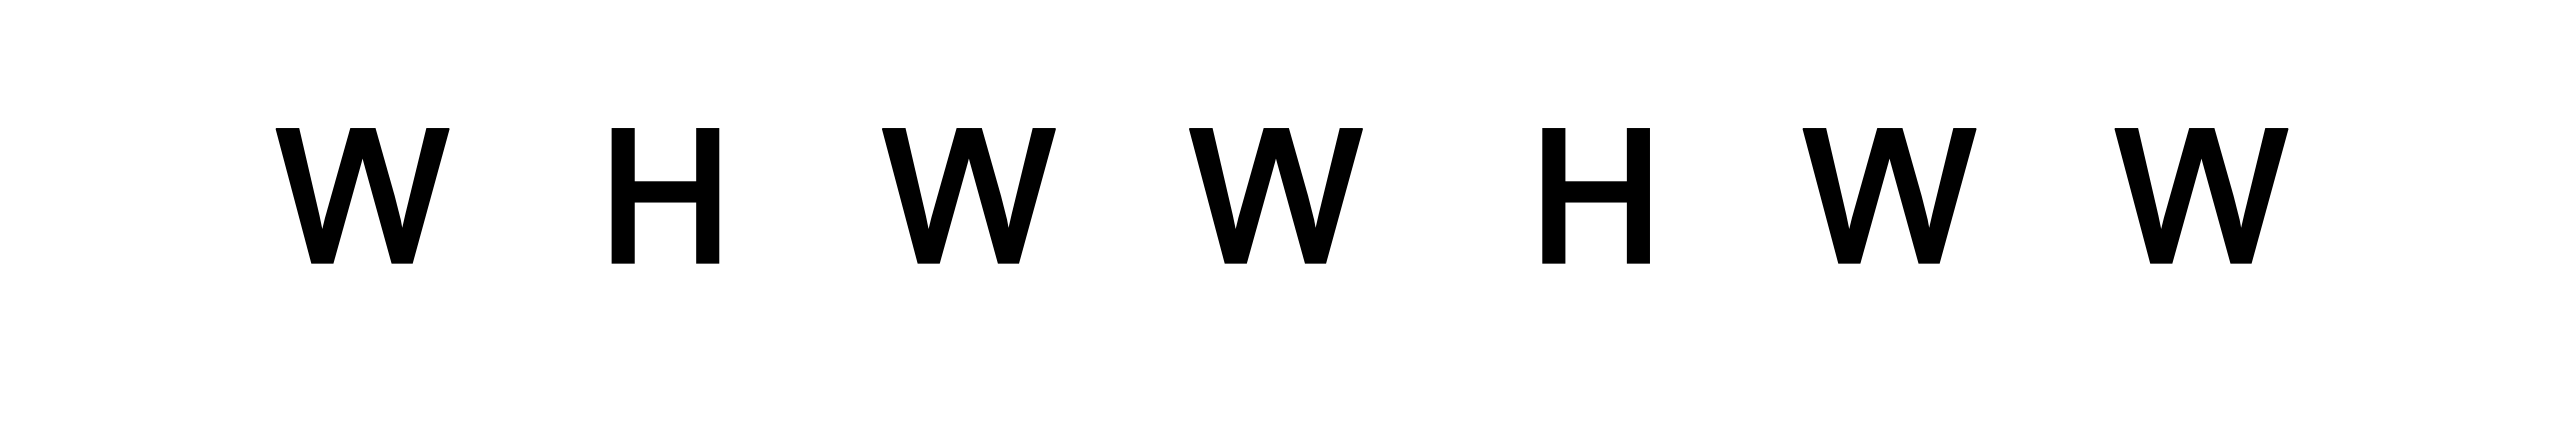 The Minor Scale Formula